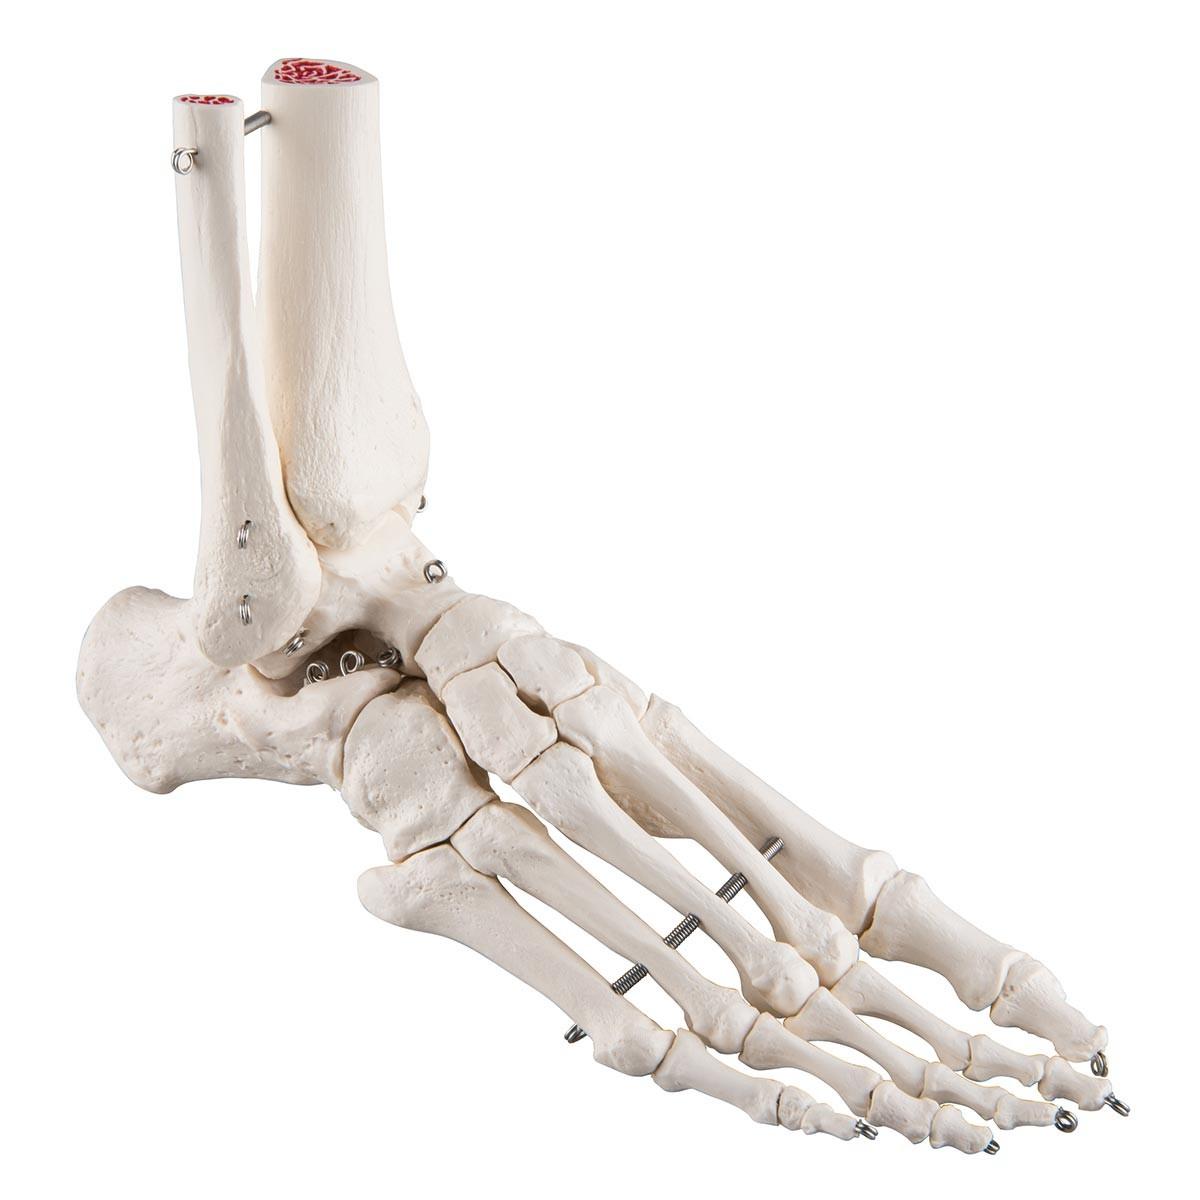 Fußskelett mit Schienbein- und Wadenbeinstumpf, auf Draht gezogen